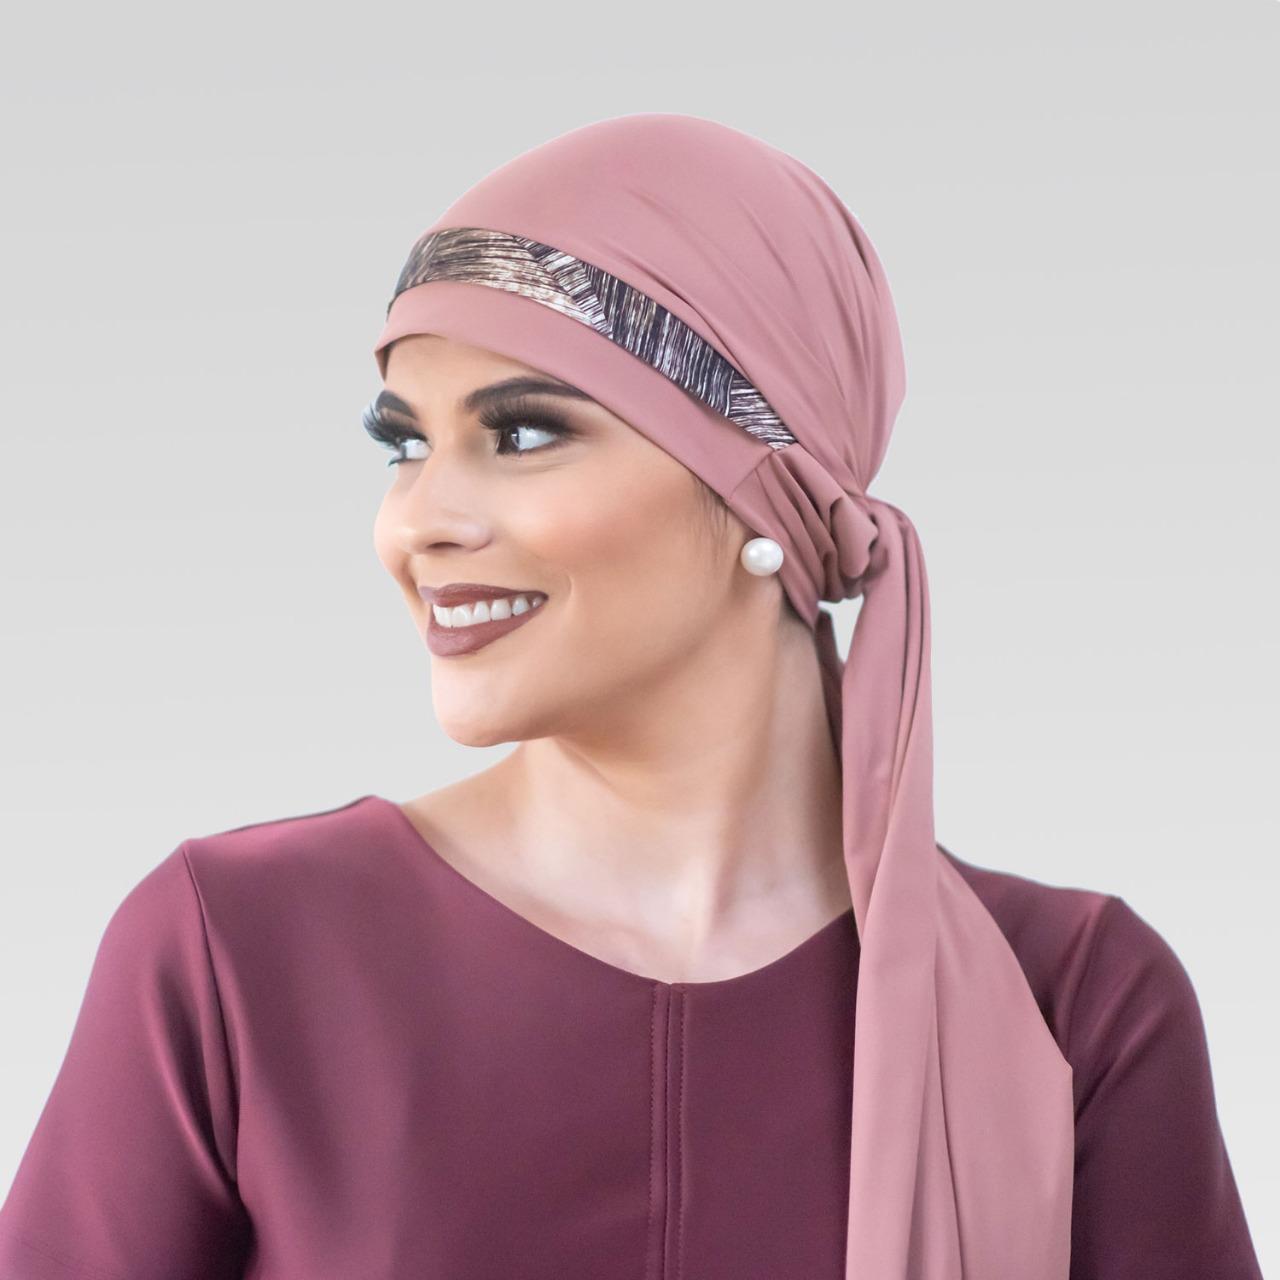 Turbante Avulso Rosa Velho com Proteção UV